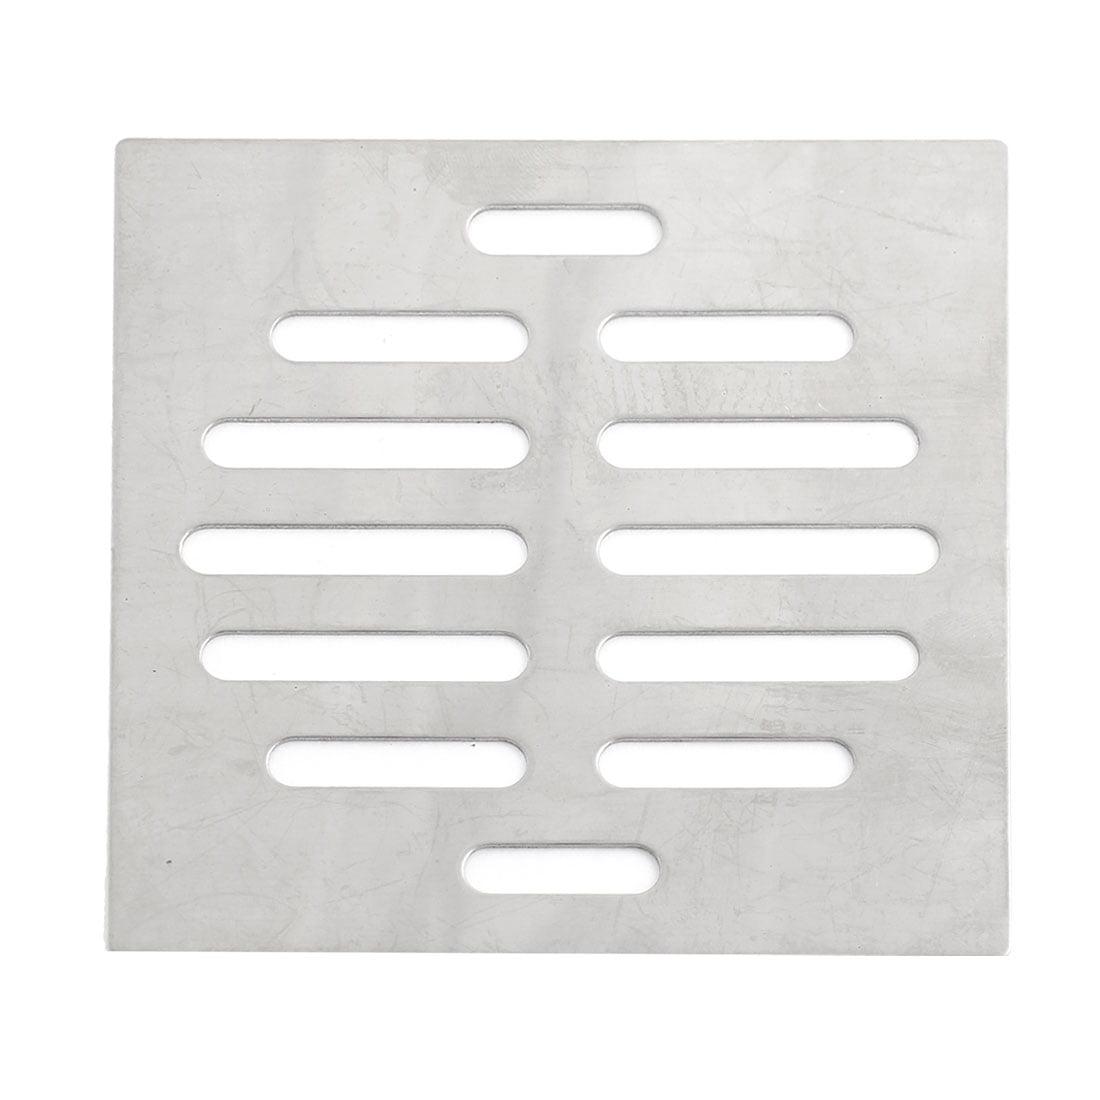 4 Inch Stainless Steel Floor Strainer Kitchen Sink Basin Drainer